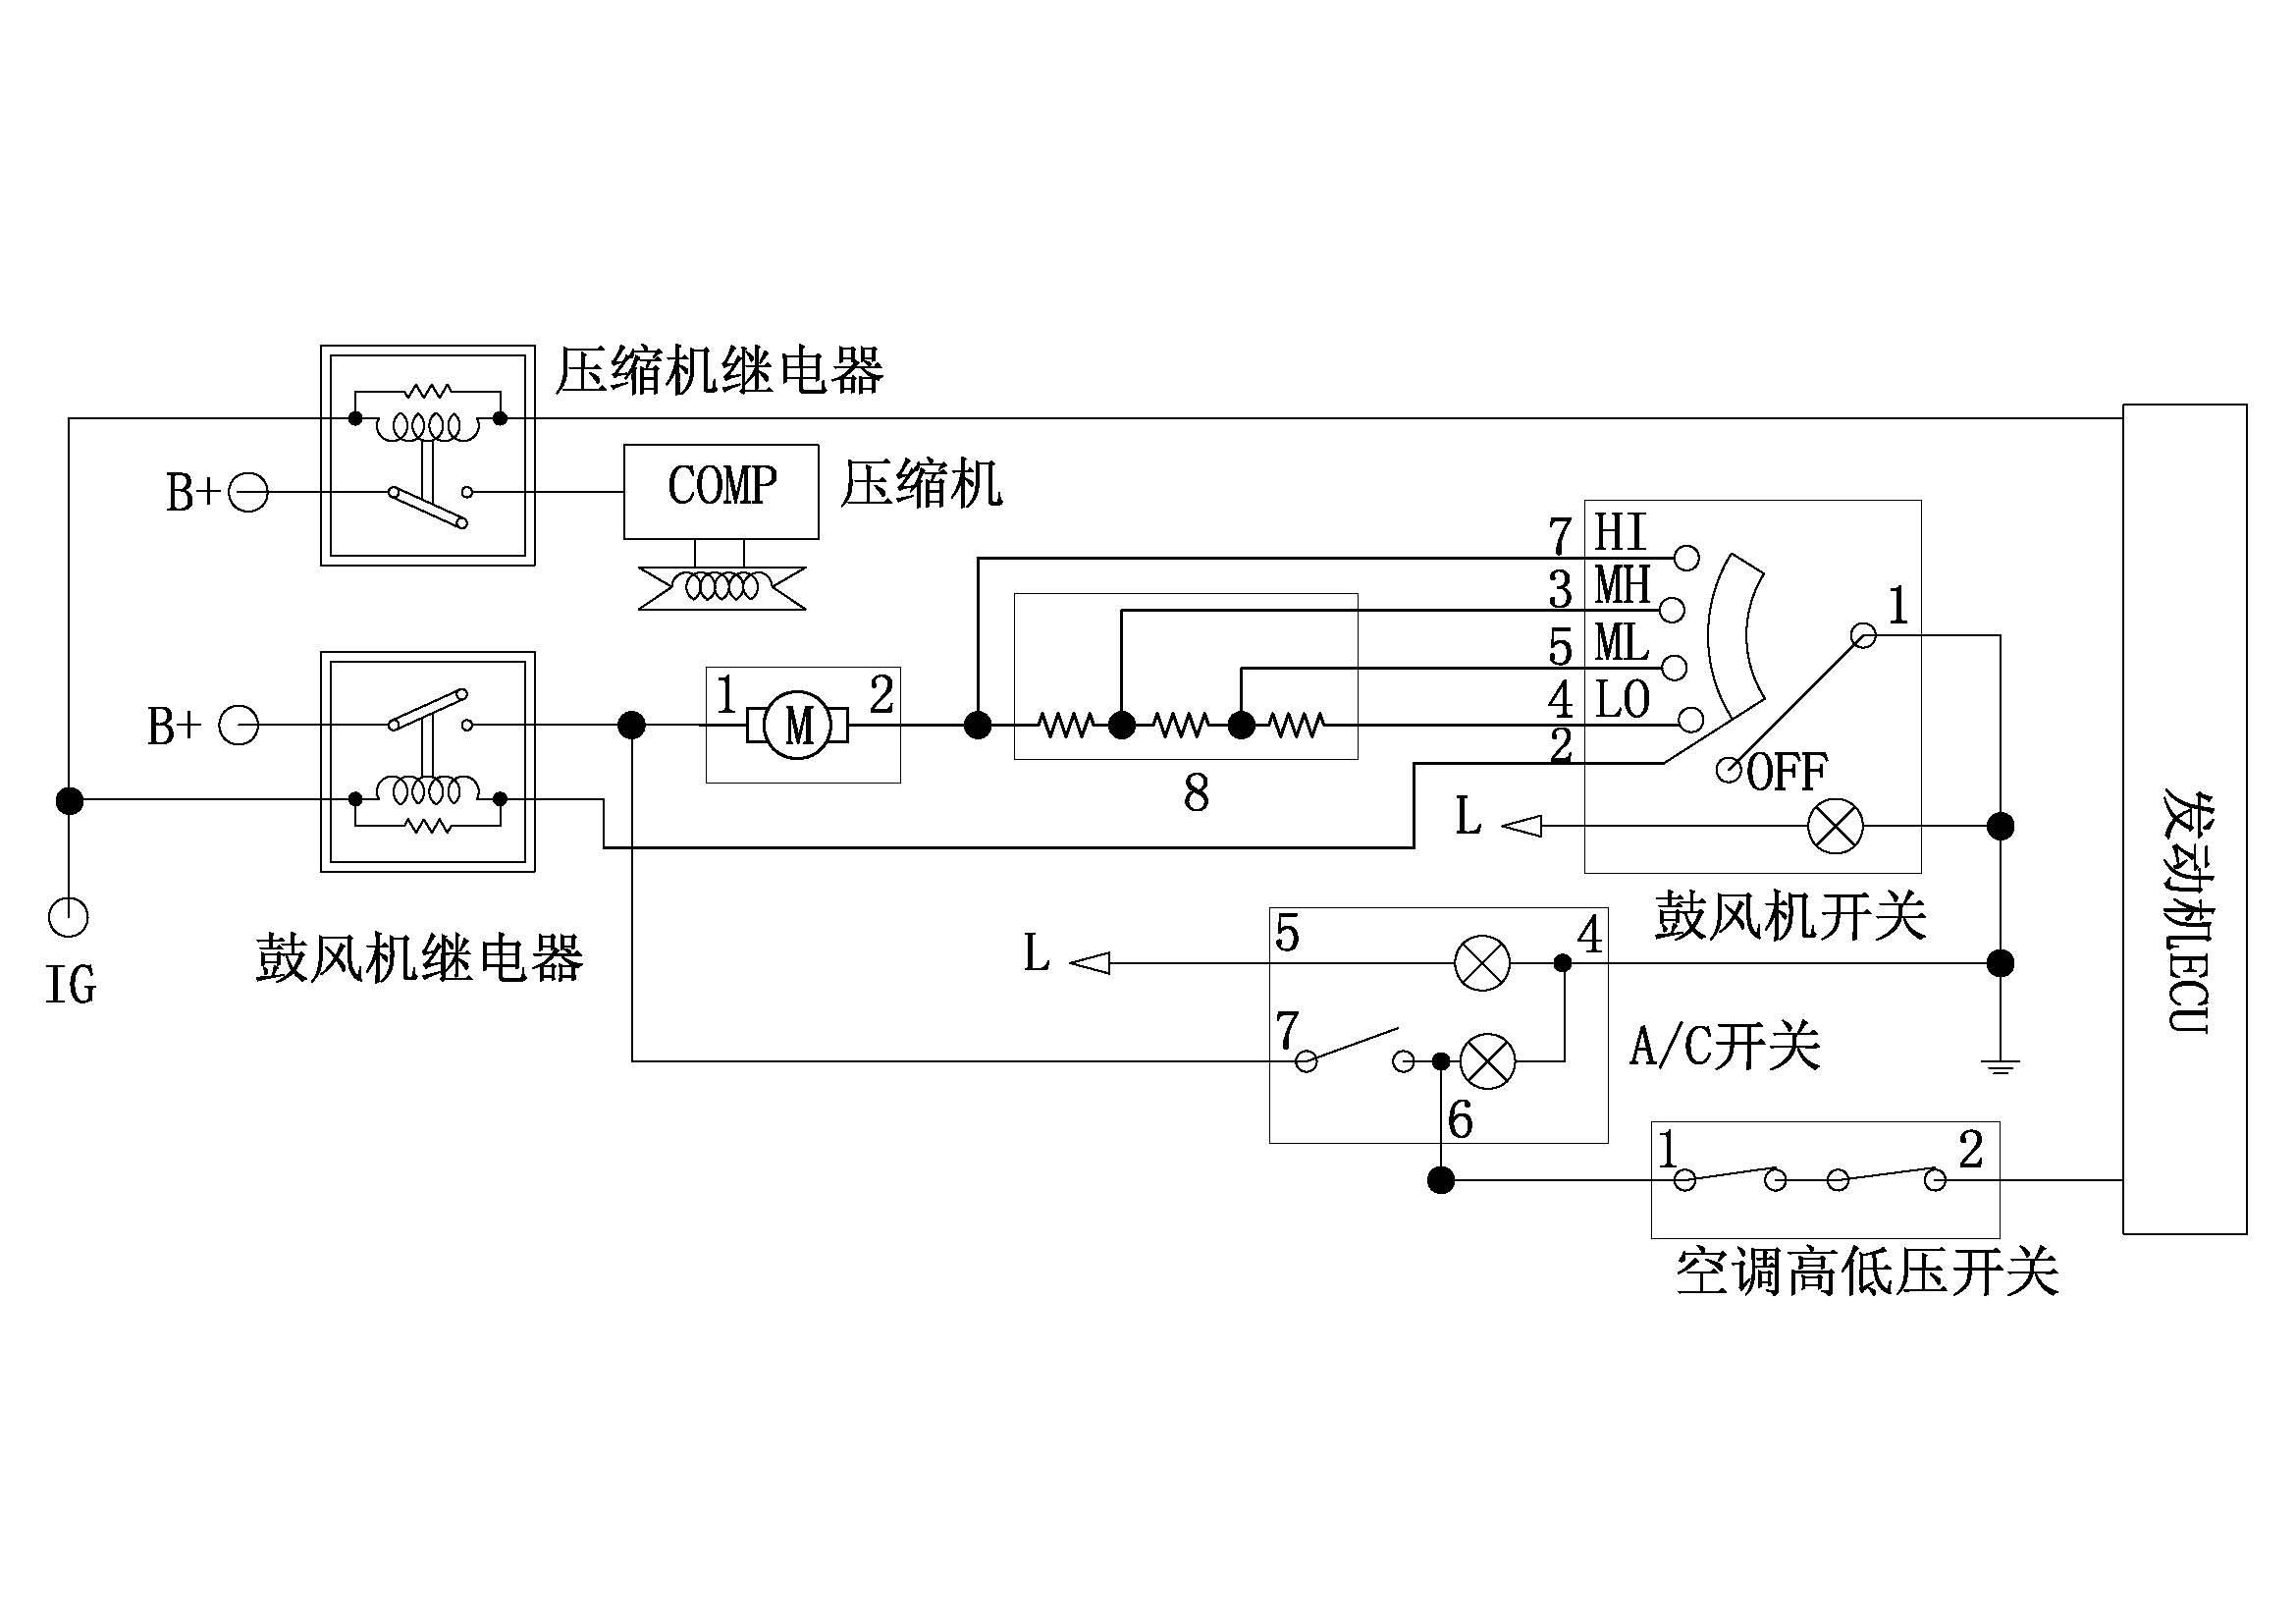 利用电磁阀控制的补水系统电路图?图片